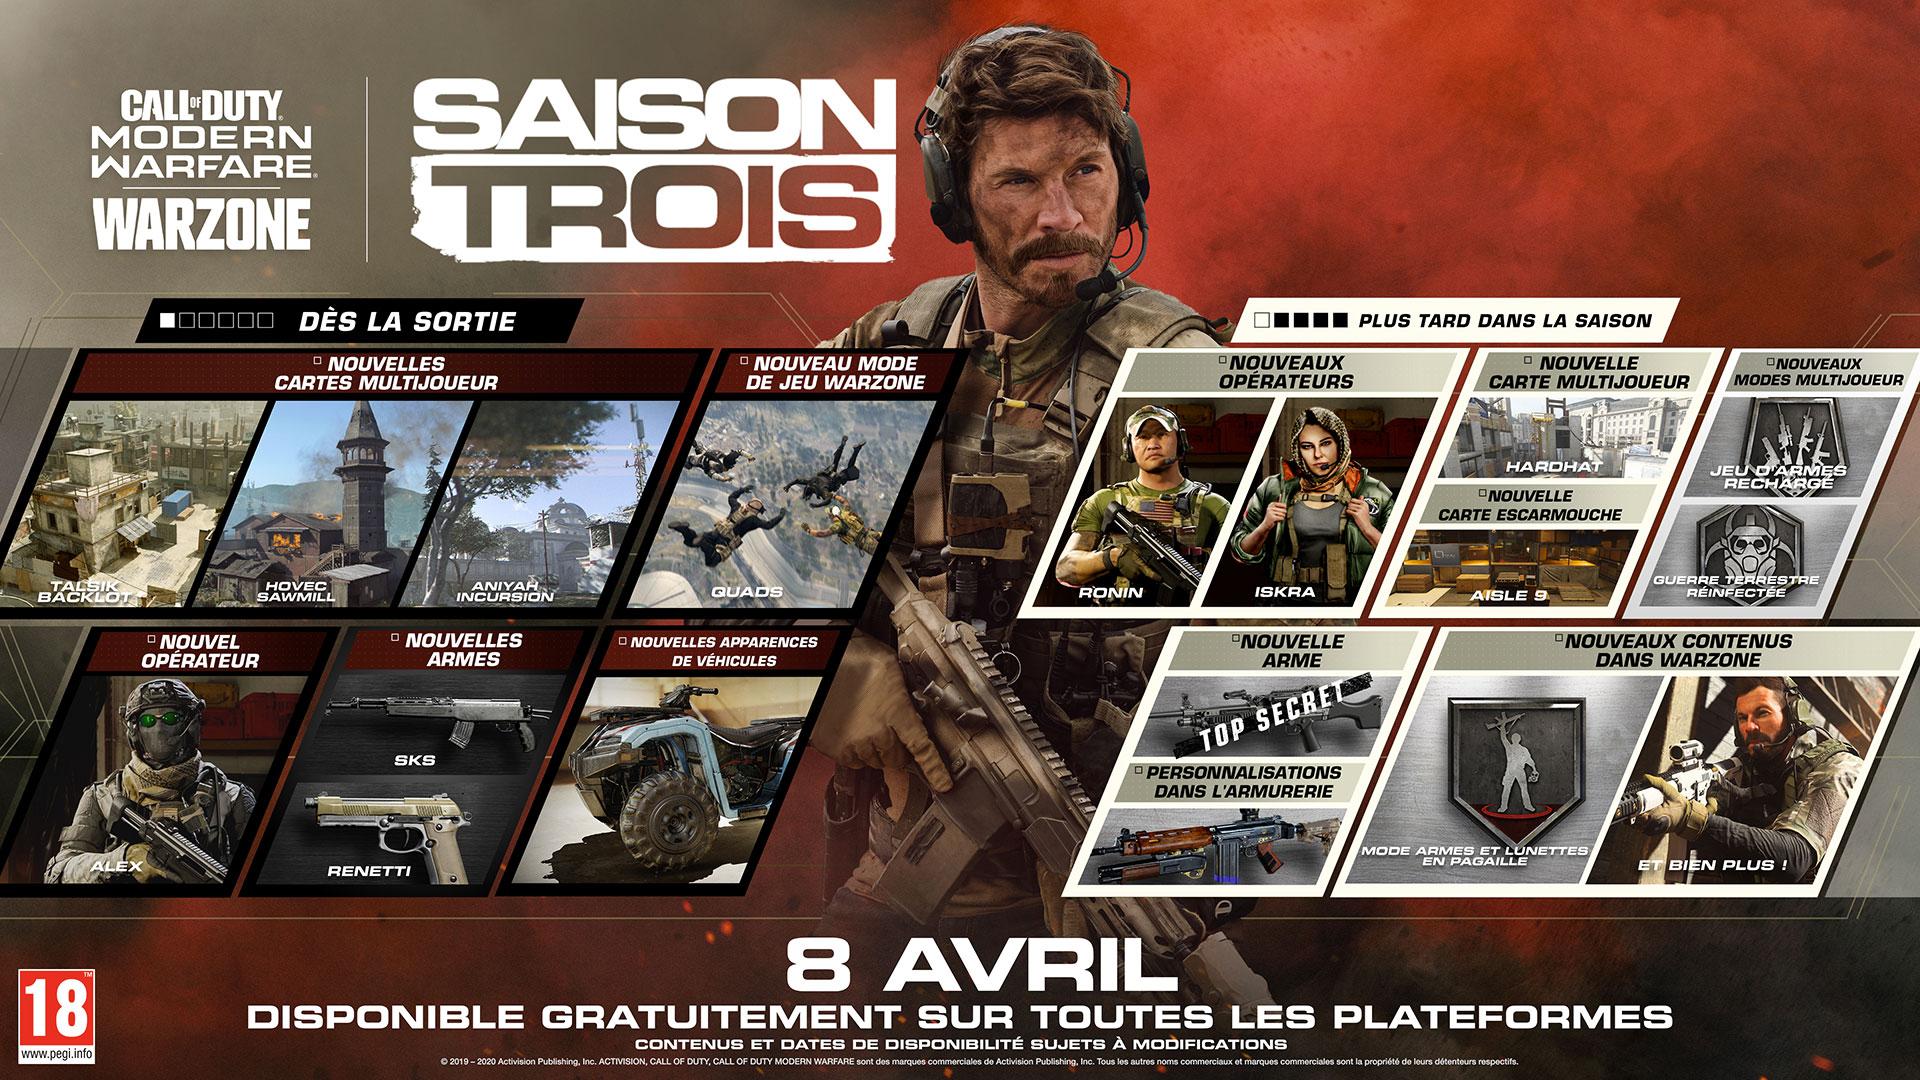 Call-of-Duty-Modern-Warfare-Saison-3-03